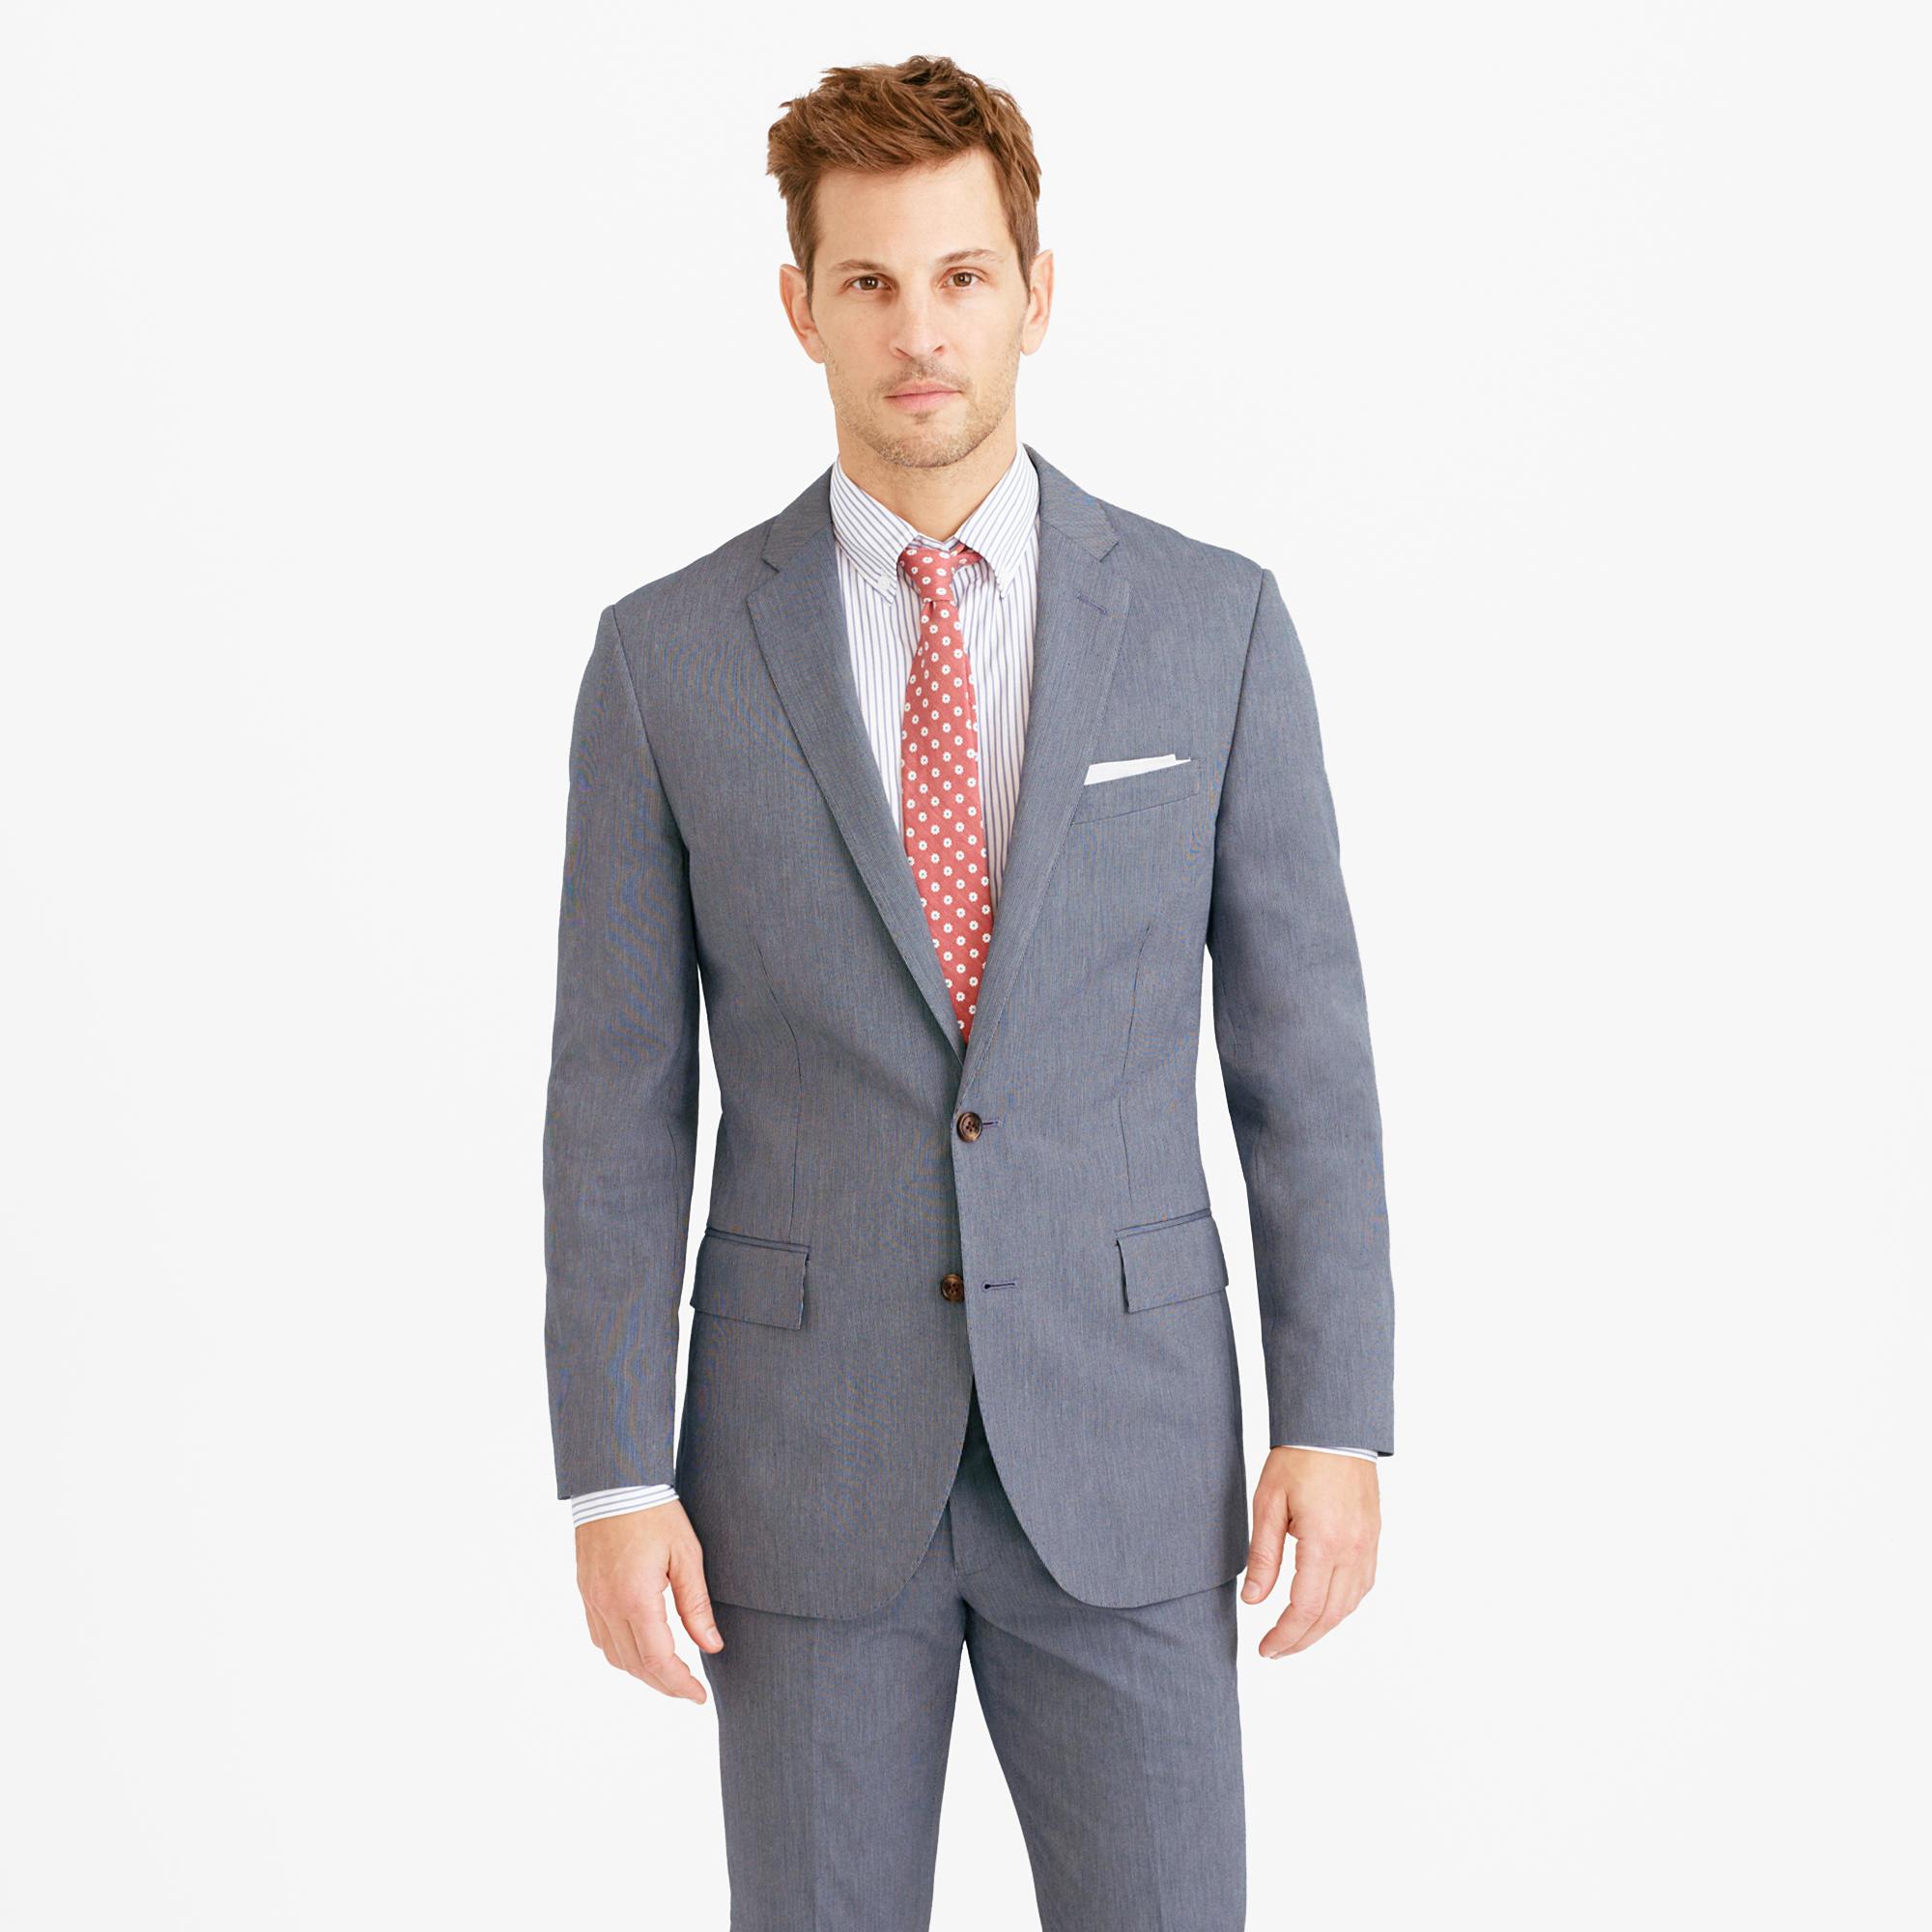 J.crew Ludlow Suit Jacket In Microstripe Italian Cotton in Blue